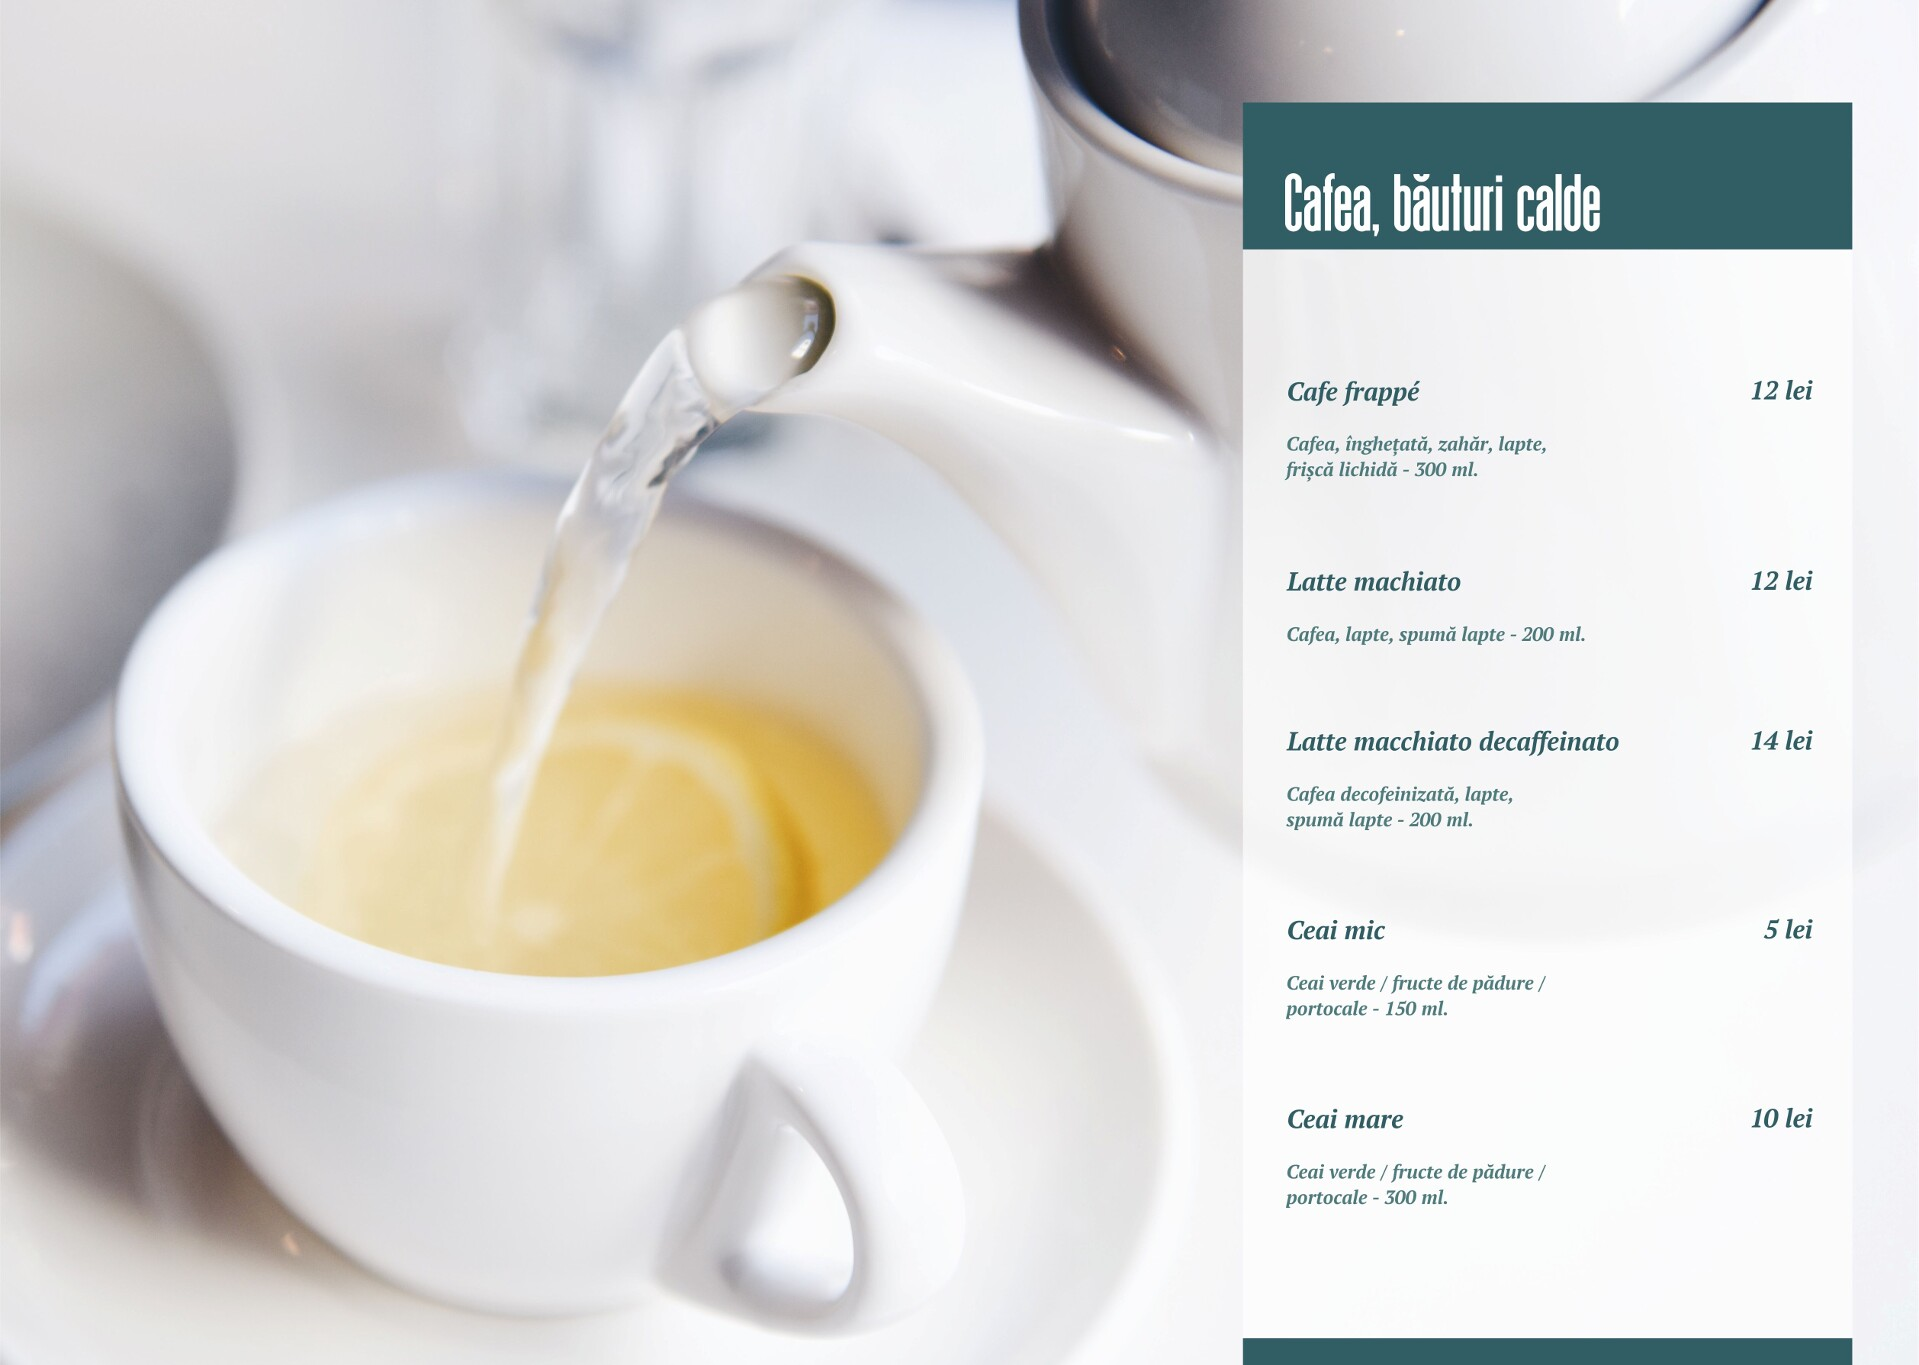 Cafea, băuturi calde - pagina 2